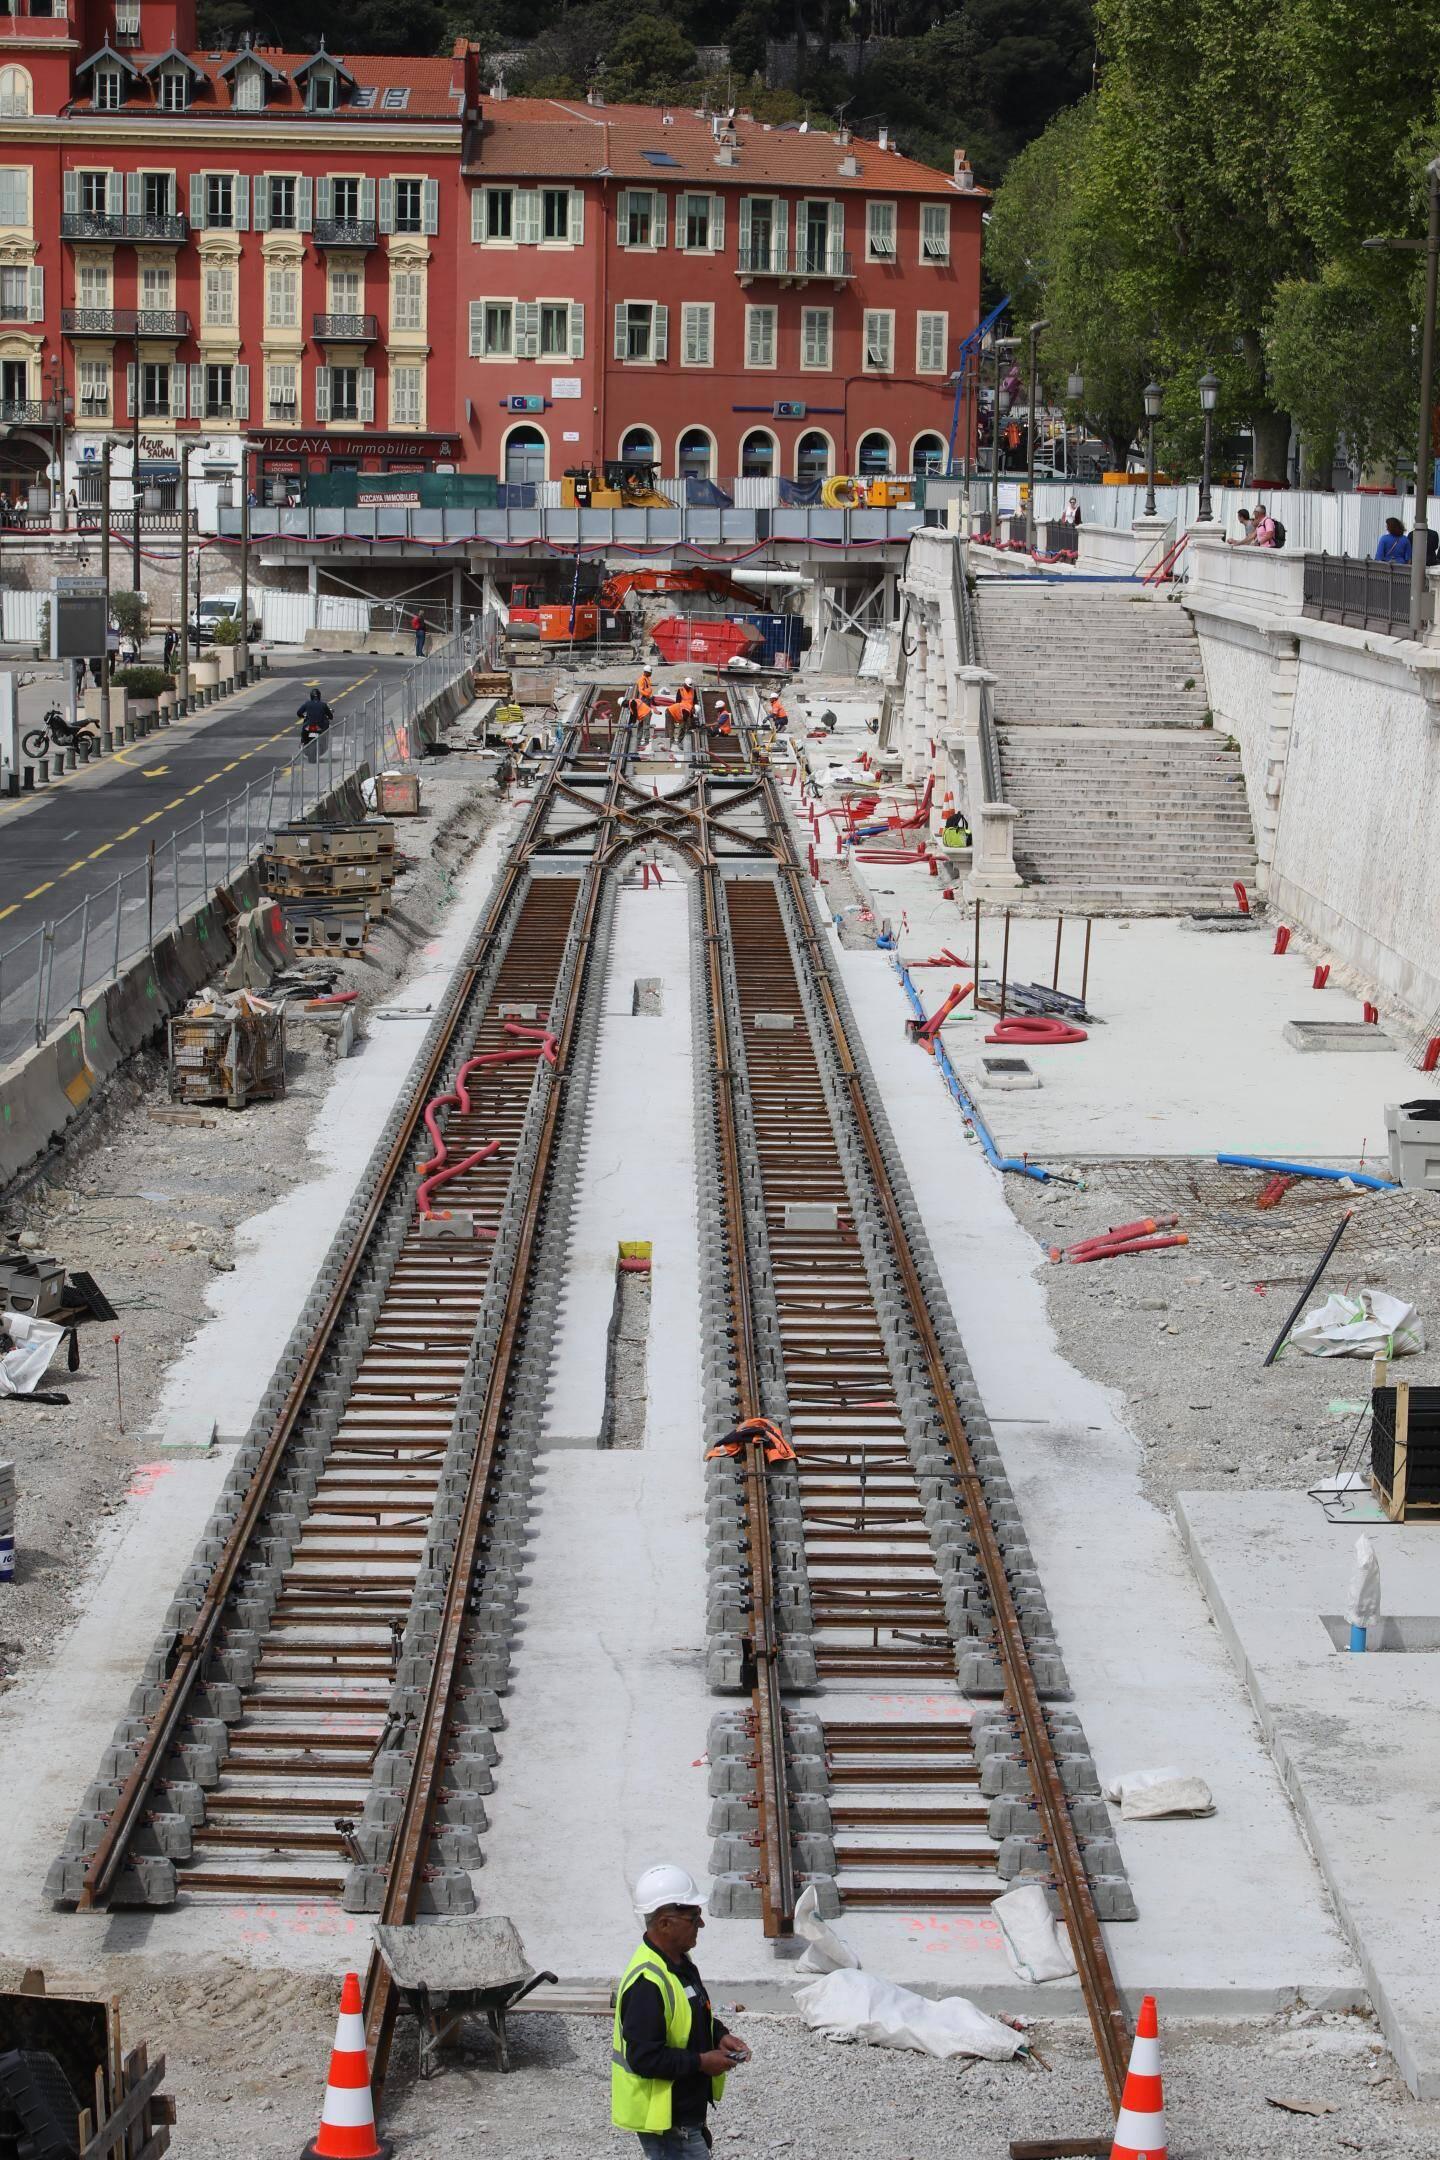 La station souterraine Durandy dévoile ses premiers escalators qui plongent vers les différents niveaux de l'ouvrage. Une structure métallique, qui sera habillée, les abritera.